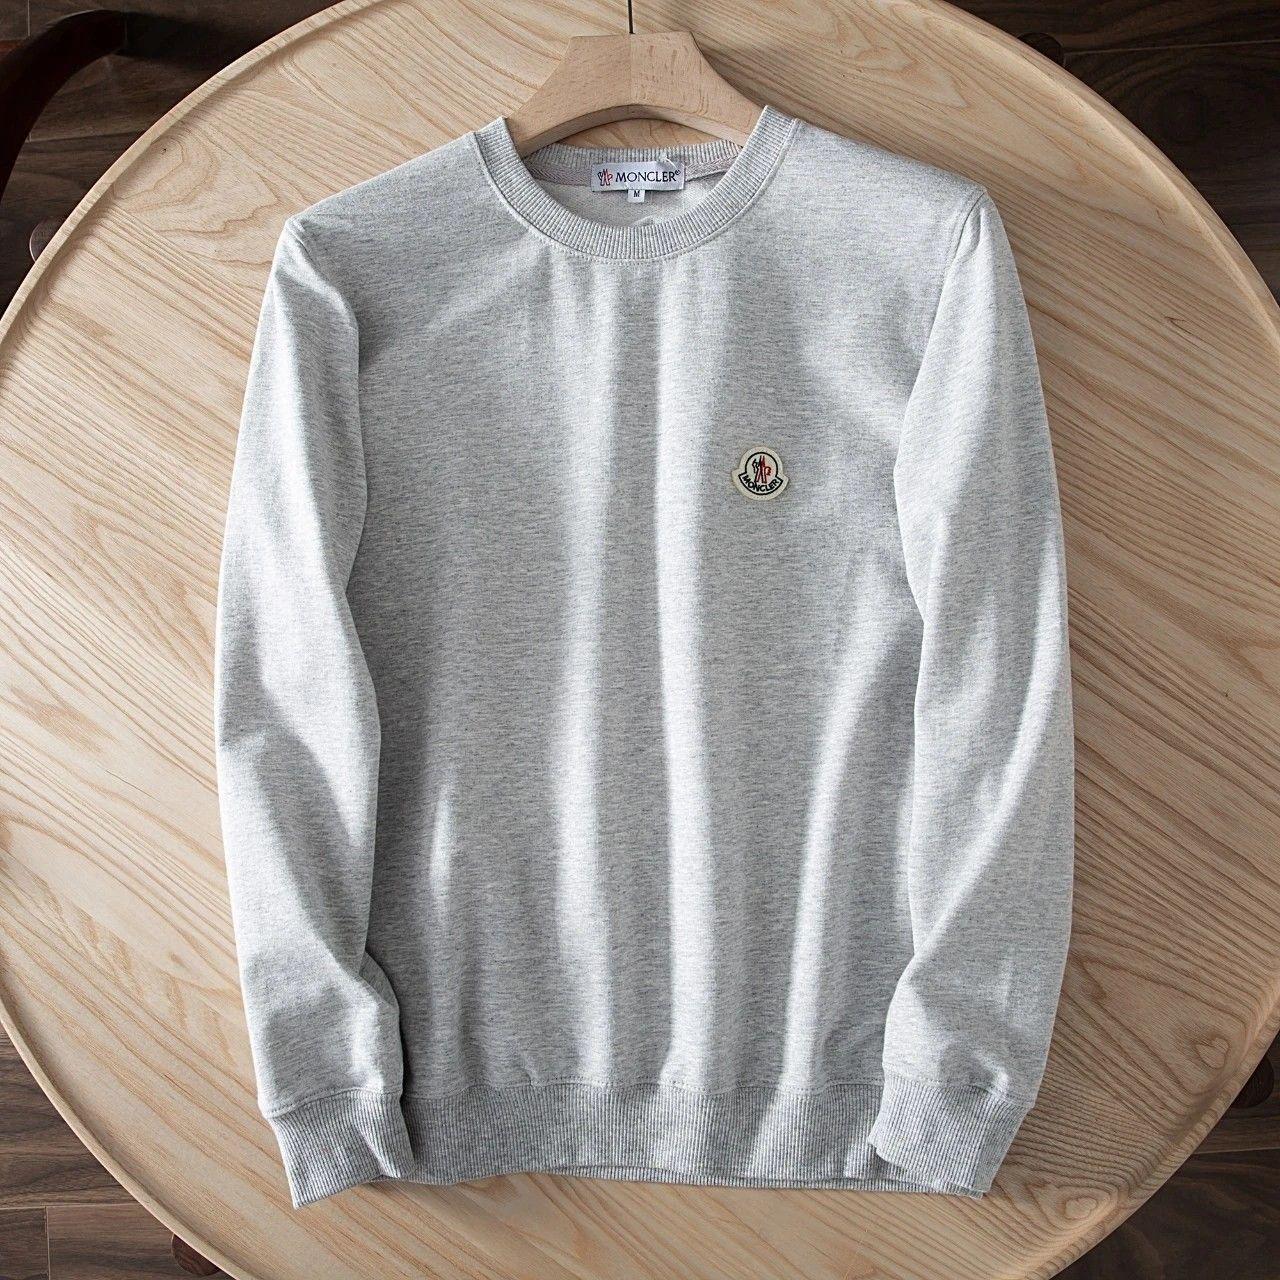 디자이너 Monclair Mens Hoodies 프랑스 패션 브랜드 남성 S 여성 럭셔리 장갑 스웨터 캐주얼 스트리트 까마귀 989